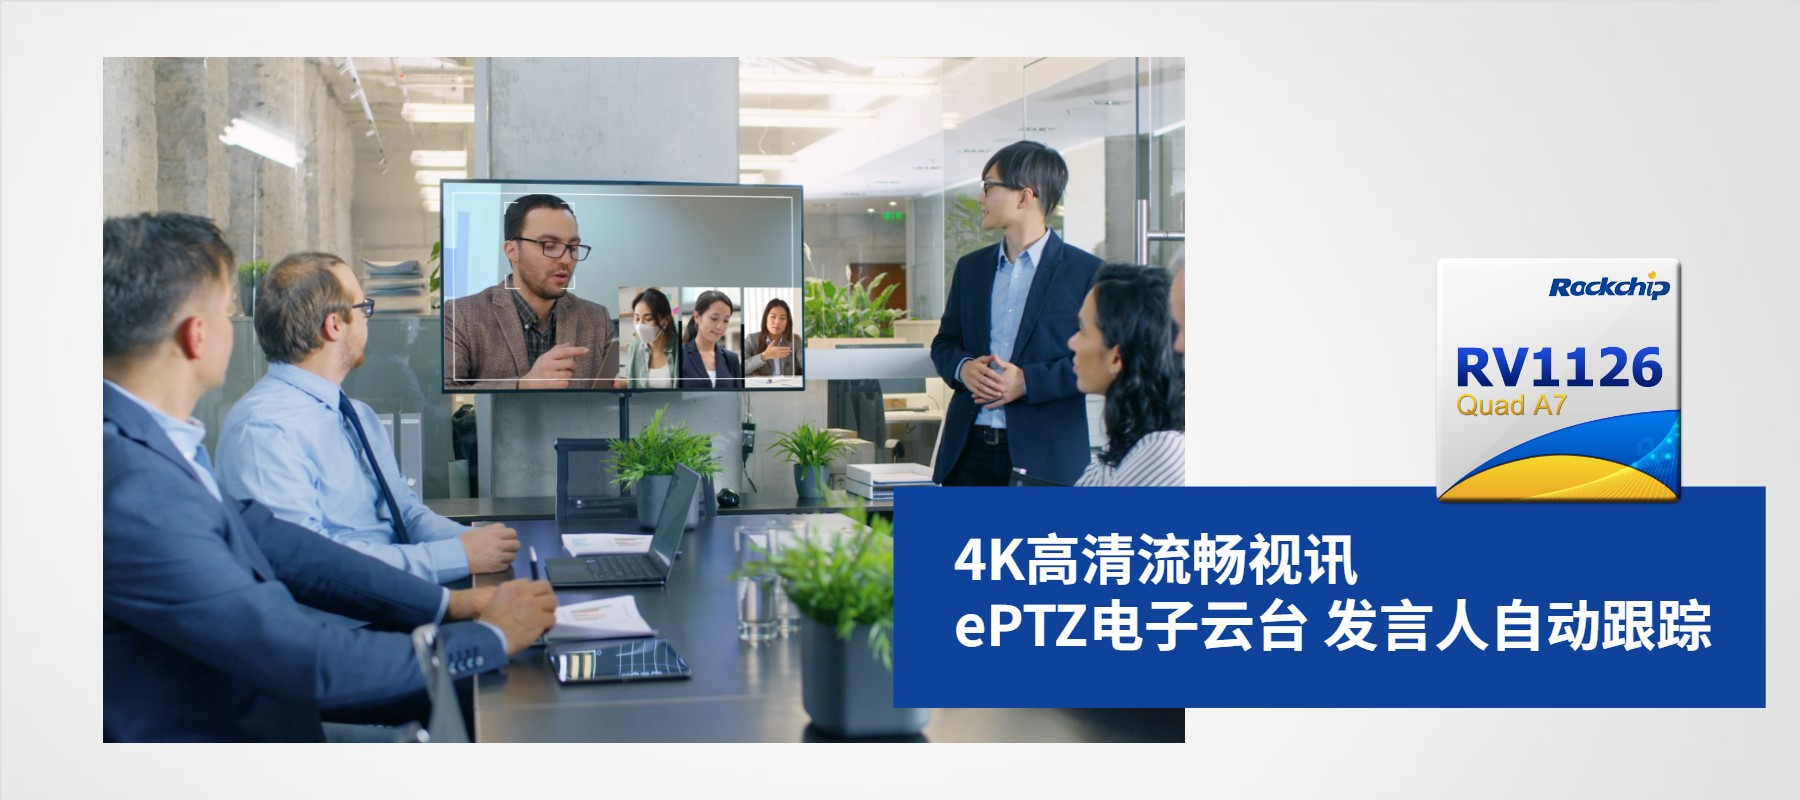 瑞芯微RV1126 4K AI攝像頭方案 助力智慧屏產品升級